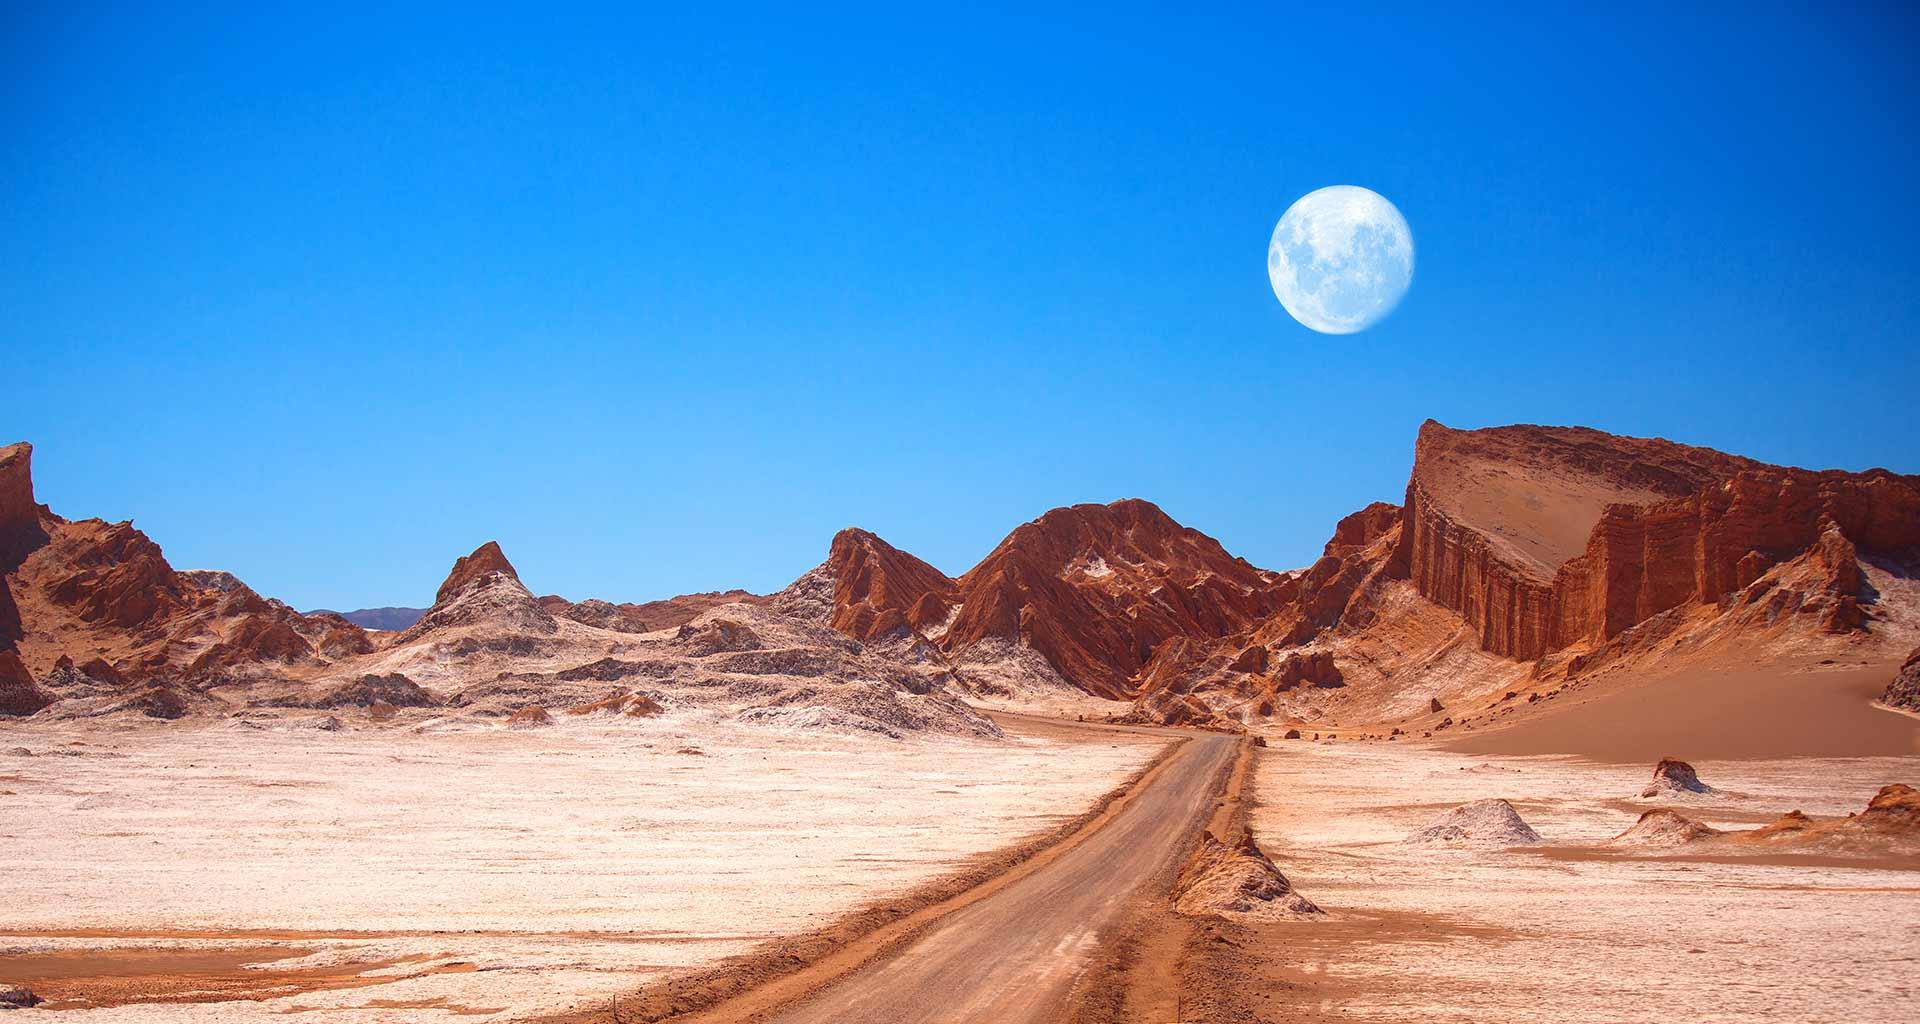 Morales & Besa asesoró a EIG Atacama Management SpA en compraventa de acciones de Likana Solar SpA